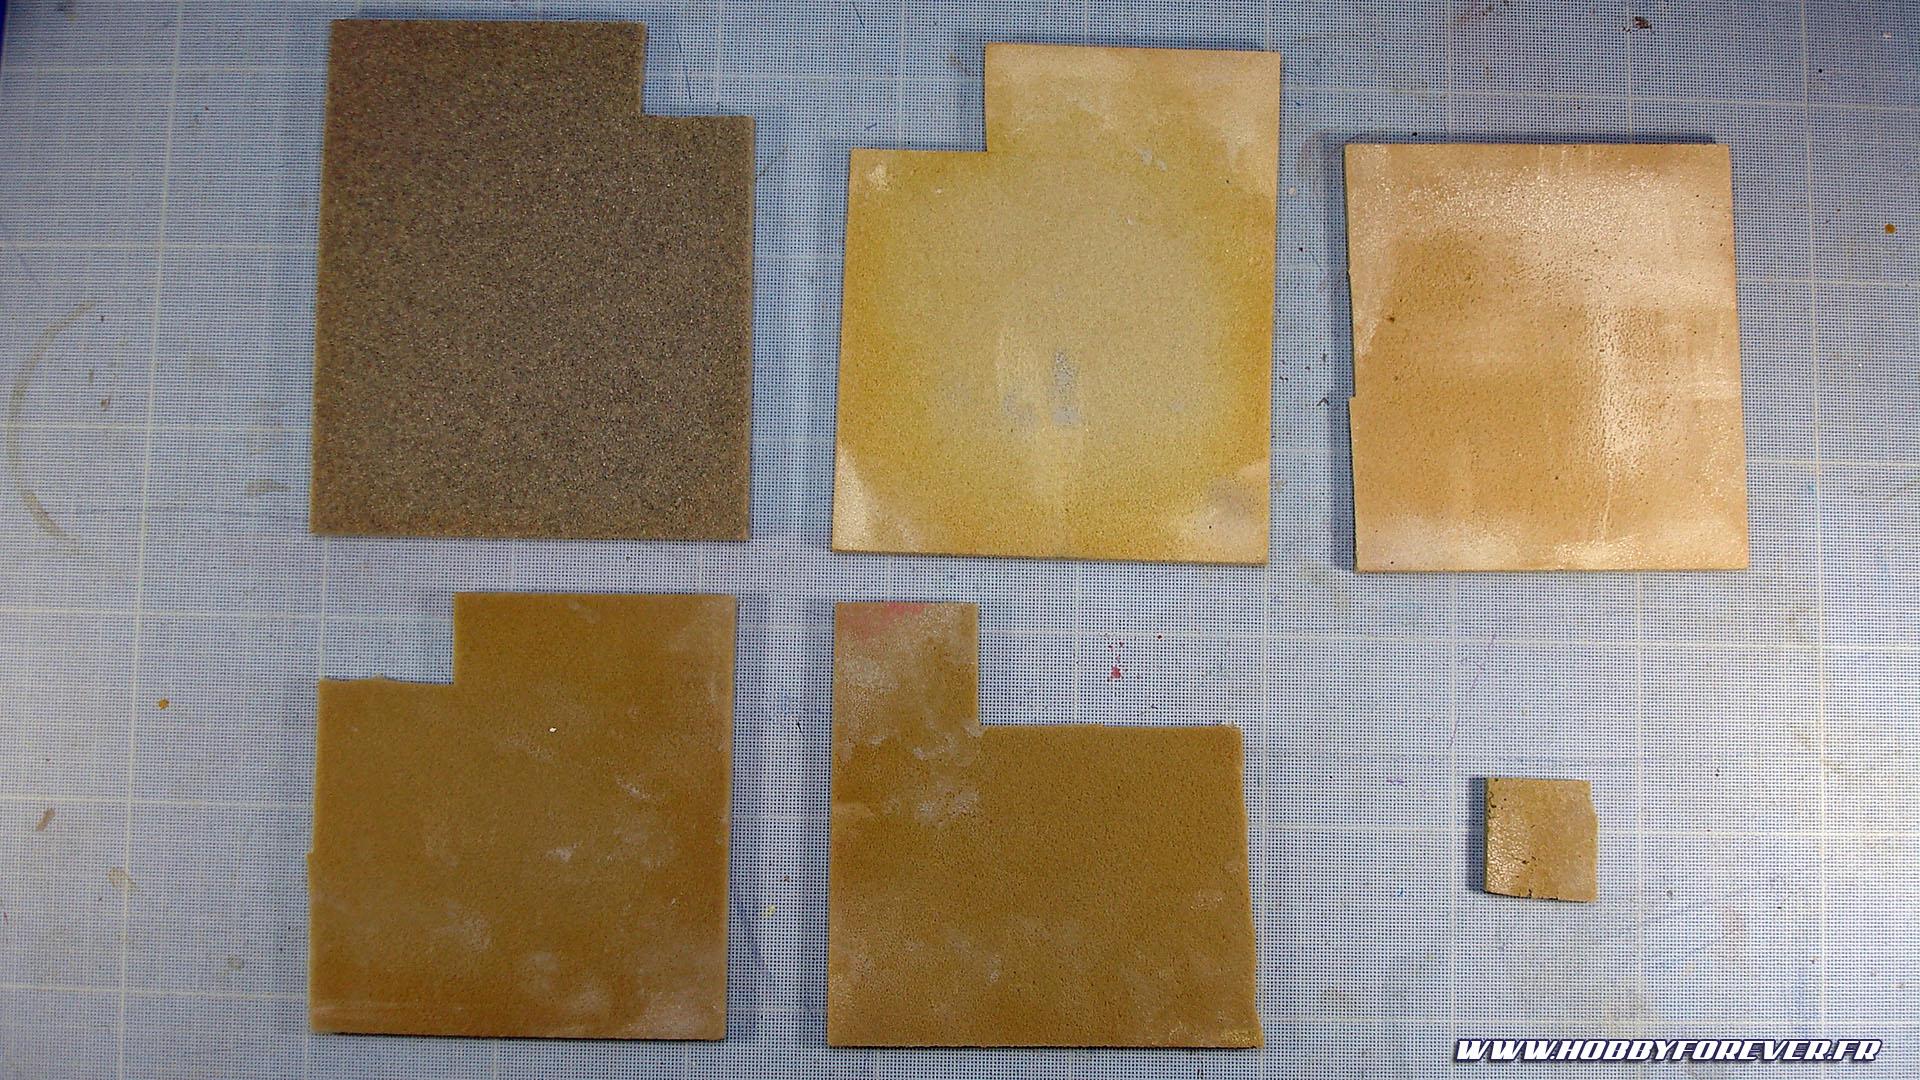 Eponges abrasives Kotobukiya de différents grammages